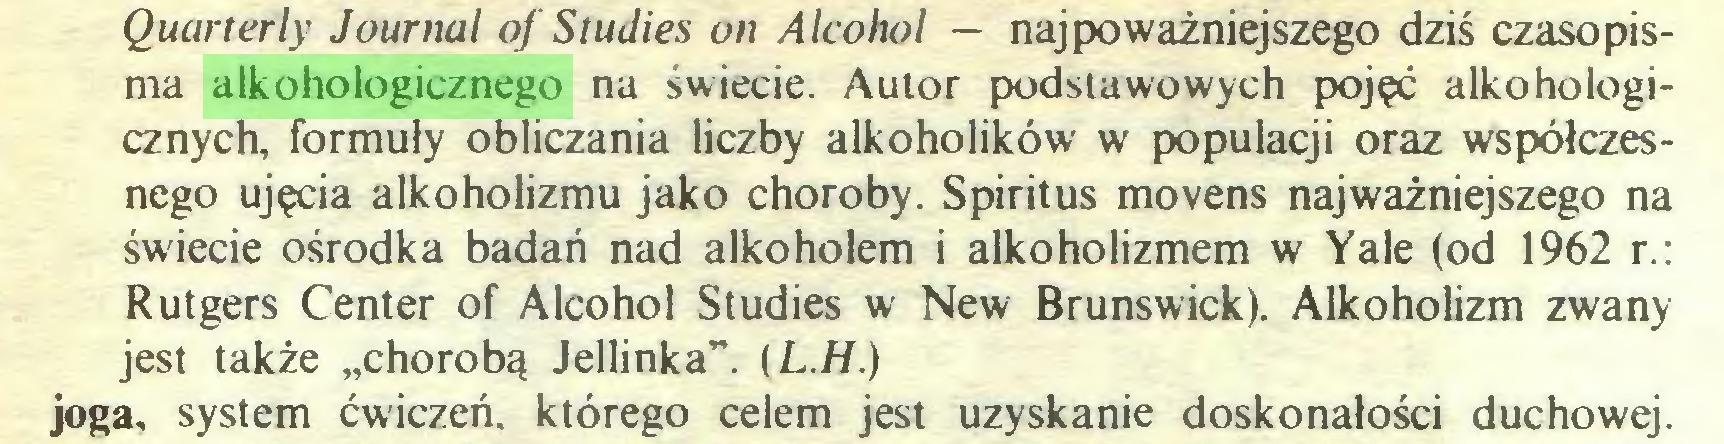 """(...) Quarterly Journal of Studies on Alcohol — najpoważniejszego dziś czasopisma alkohologicznego na świecie. Autor podstawowych pojęć alkohologicznych, formuły obliczania liczby alkoholików w populacji oraz współczesnego ujęcia alkoholizmu jako choroby. Spiritus movens najważniejszego na świecie ośrodka badań nad alkoholem i alkoholizmem w Yale (od 1962 r.: Rutgers Center of Alcohol Studies w New Brunswick). Alkoholizm zwany jest także """"chorobą Jellinka"""". (L.H.) joga, system ćwiczeń, którego celem jest uzyskanie doskonałości duchowej..."""